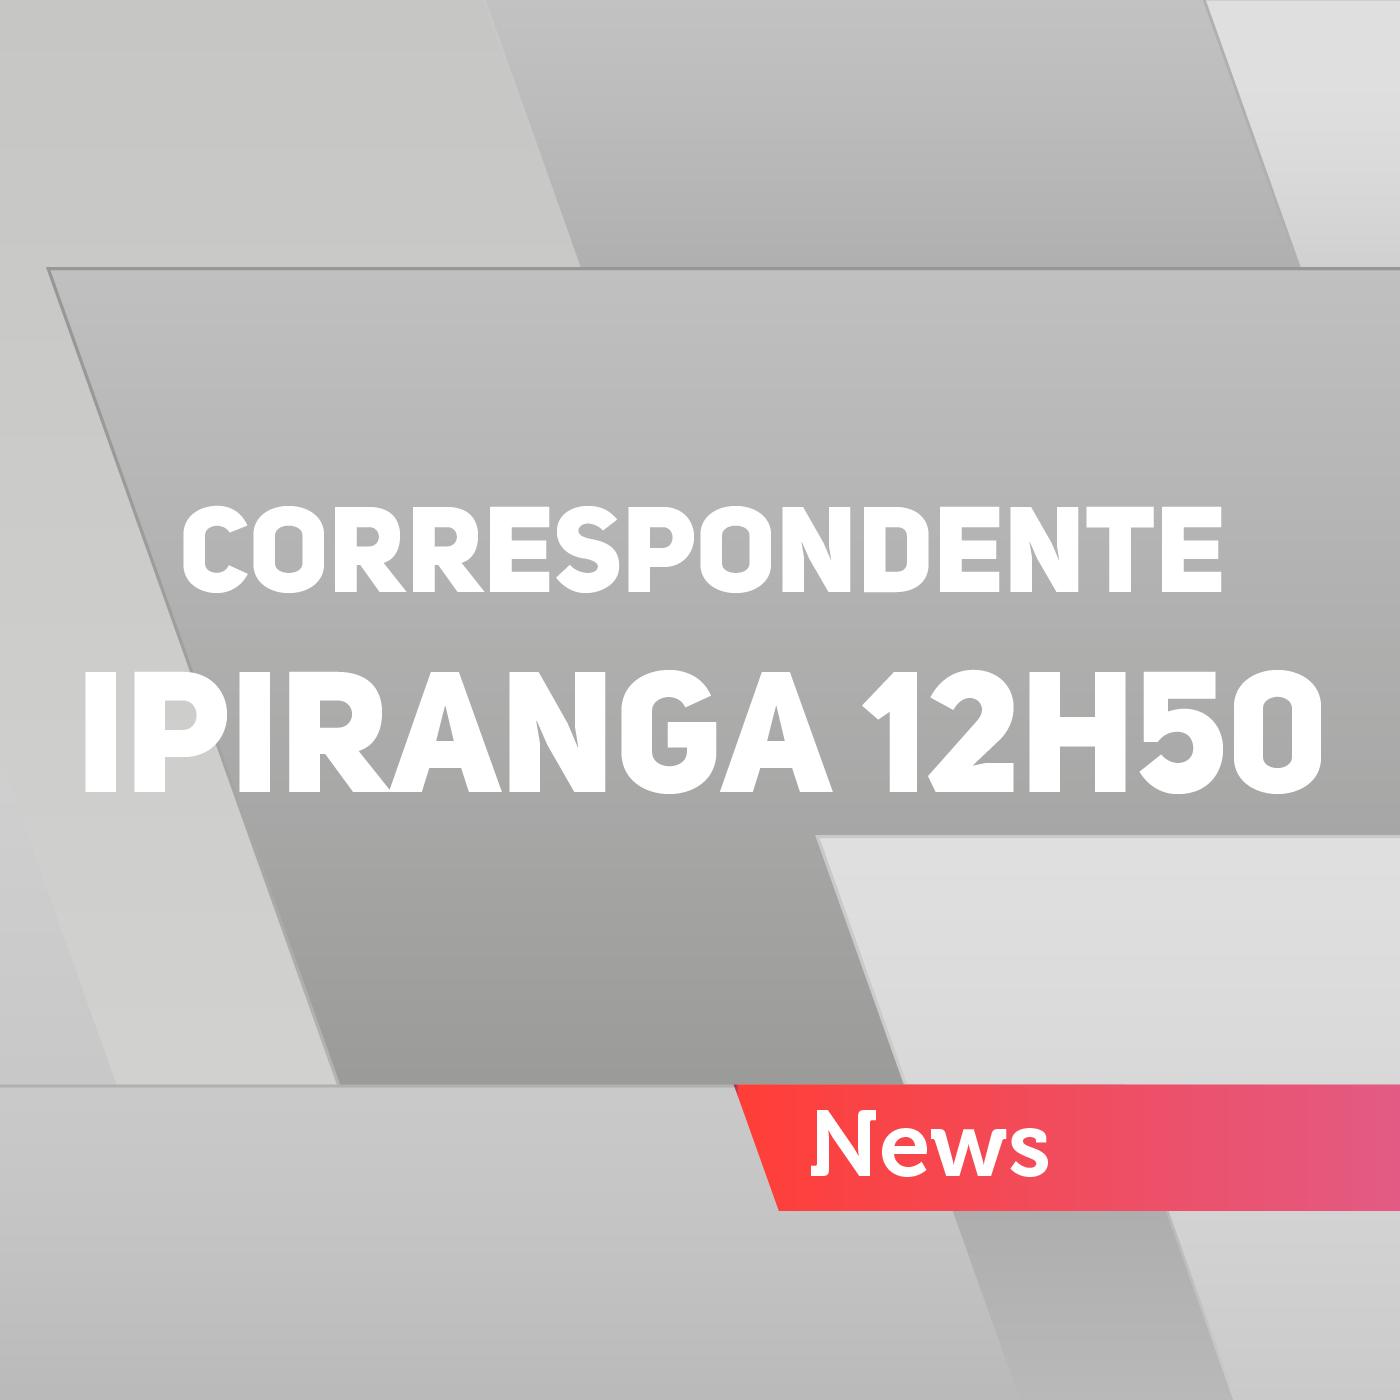 Correspondente Ipiranga 12h50 - 28/04/2017